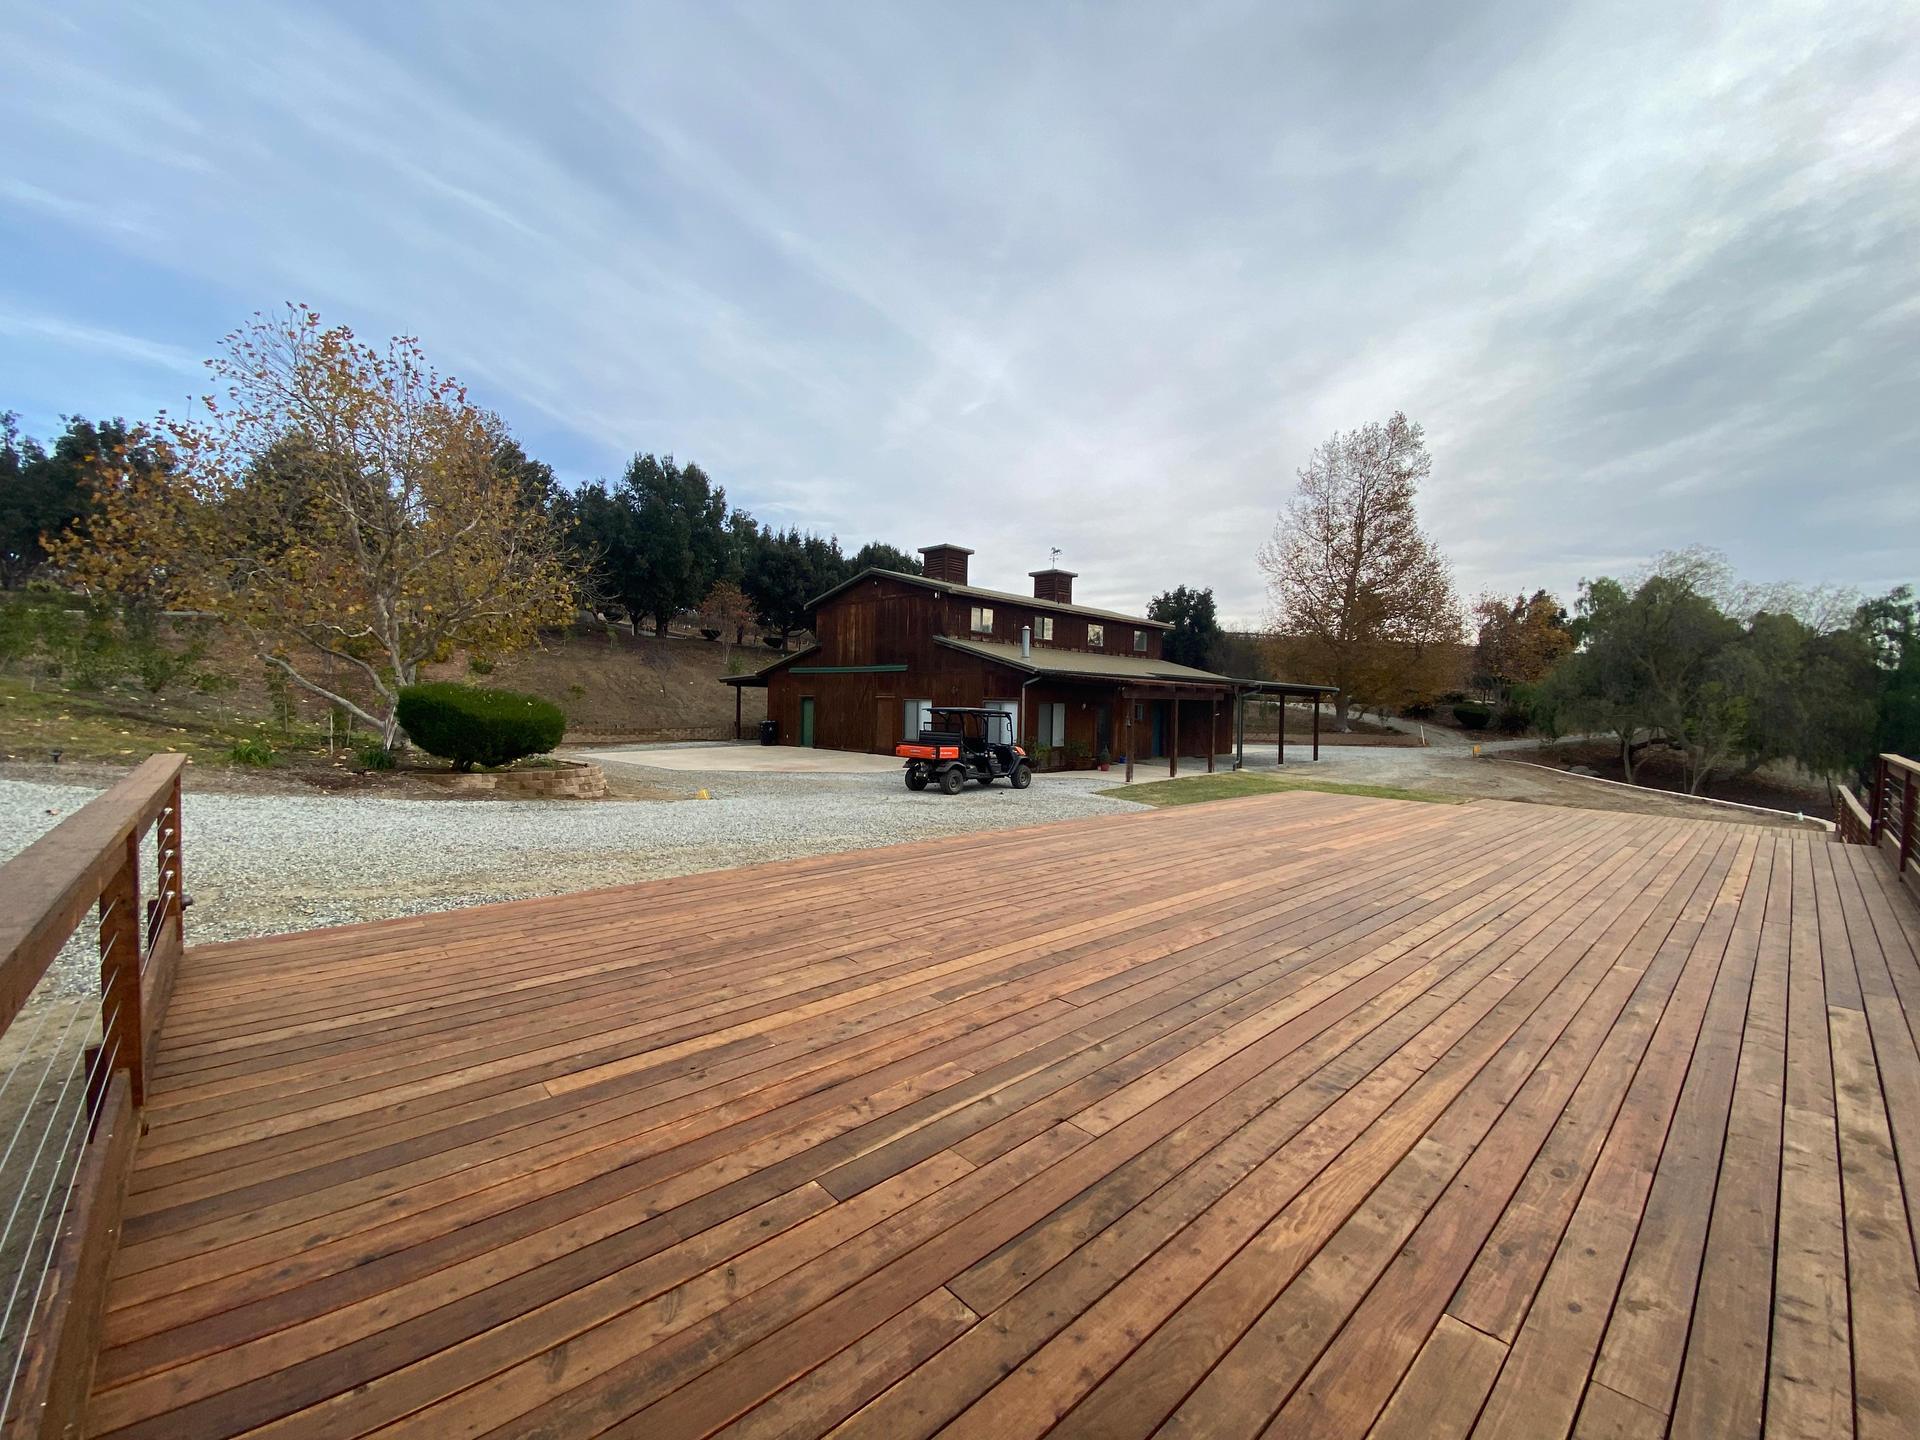 Barn Deck Left (New Landscaping Feb 2021)